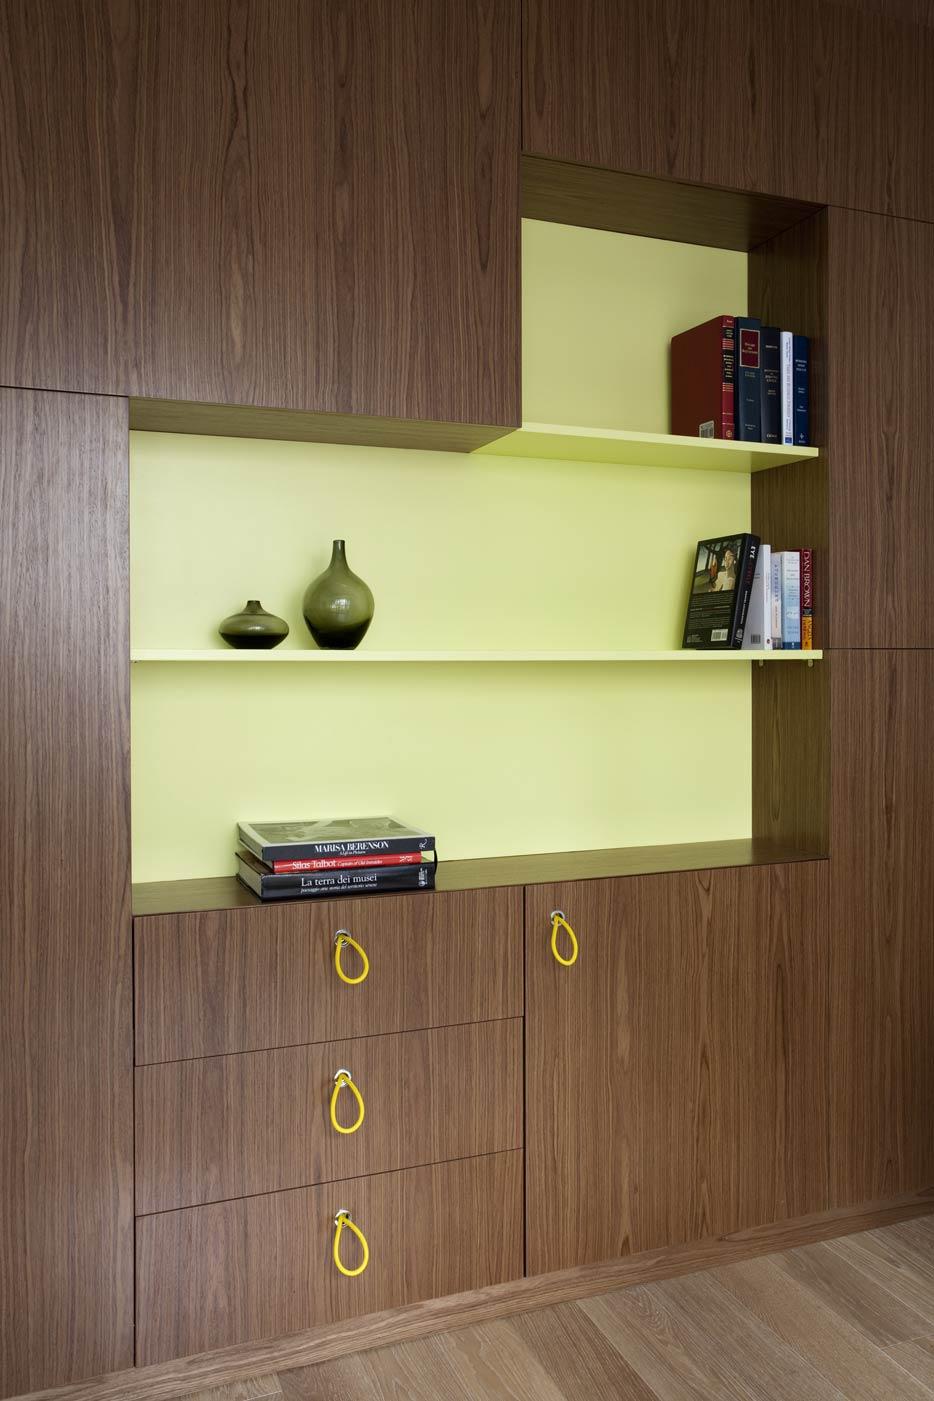 Giulias Apartment interior design2.jpg